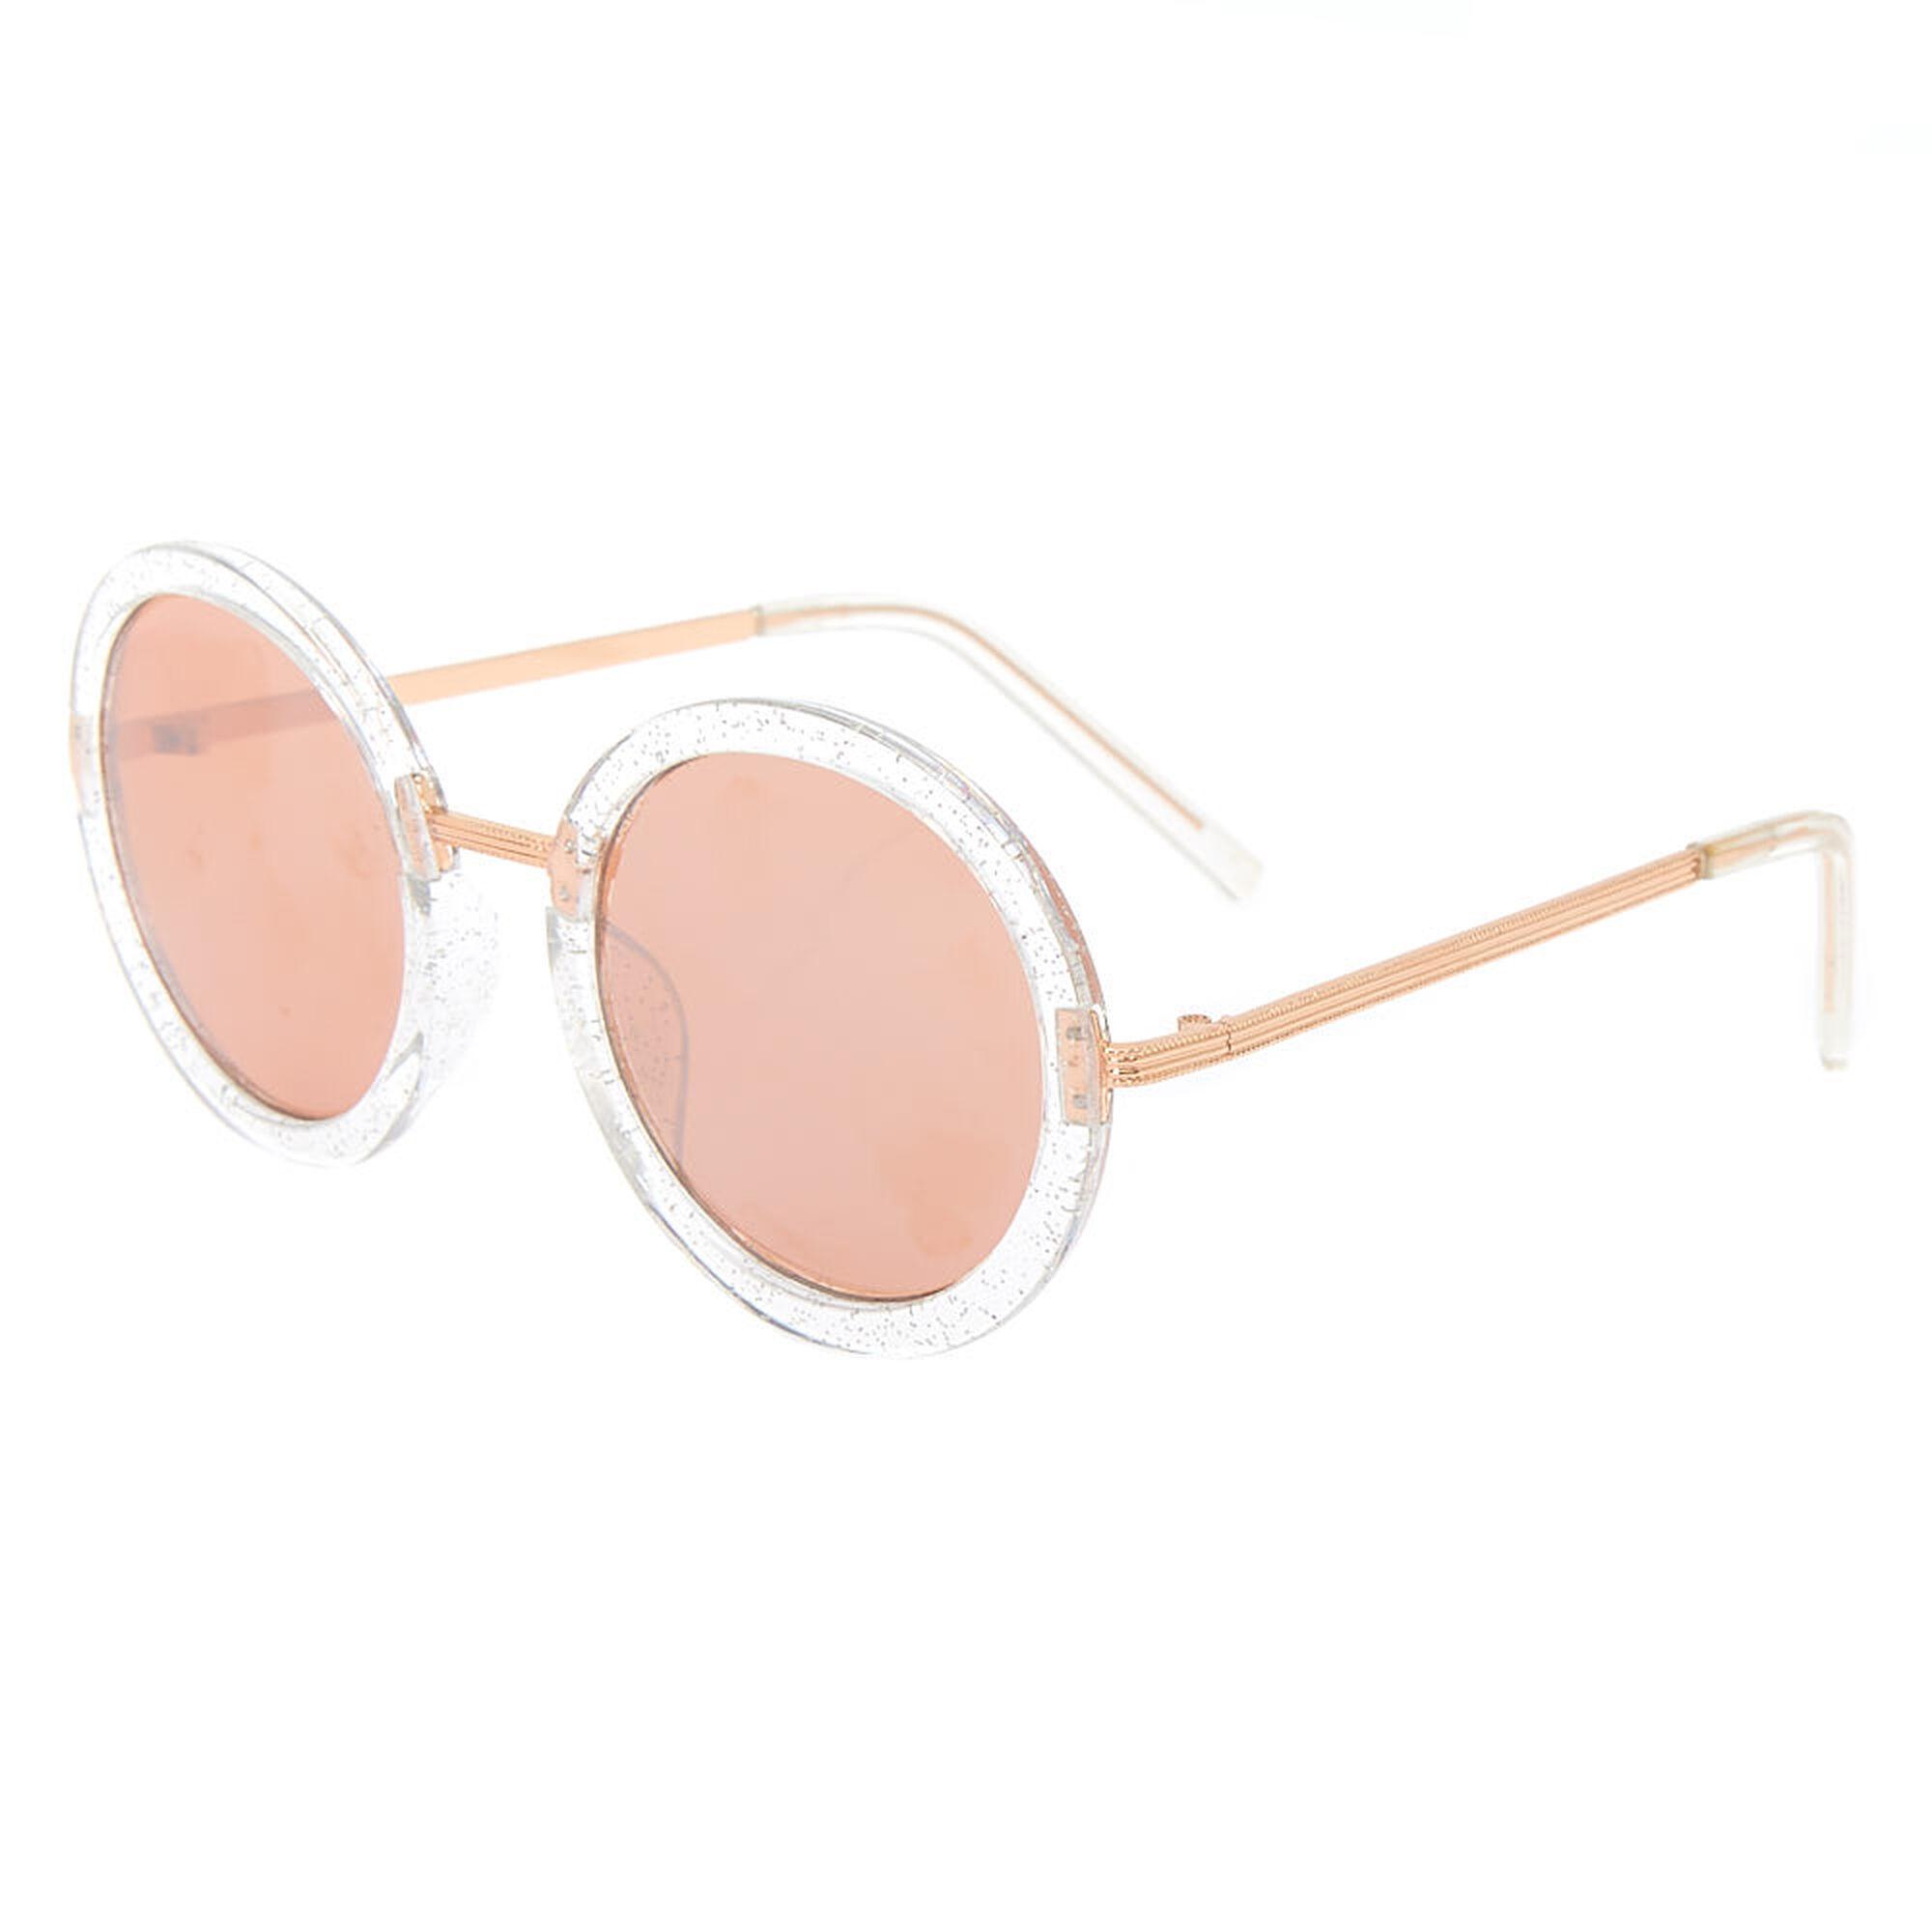 f7145a77261 Round Glitter Sunglasses - Rose Gold